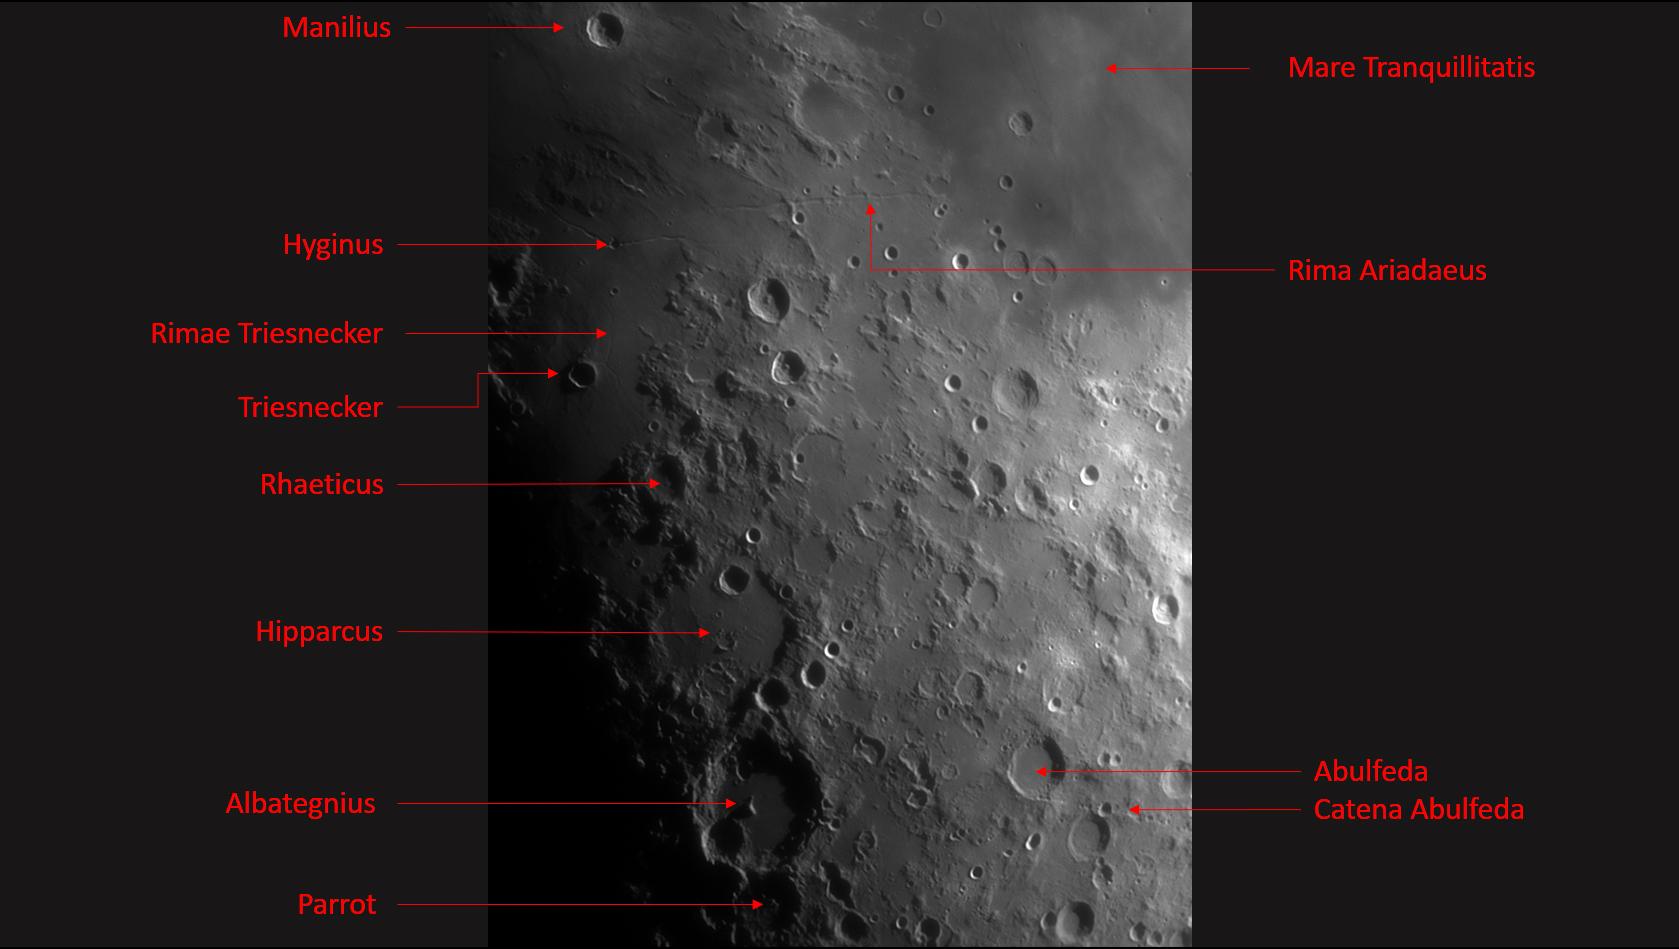 Hold-Hyginus-Hipparchus-Albategnius-Parrot-...-20171225-SW15L-Labels